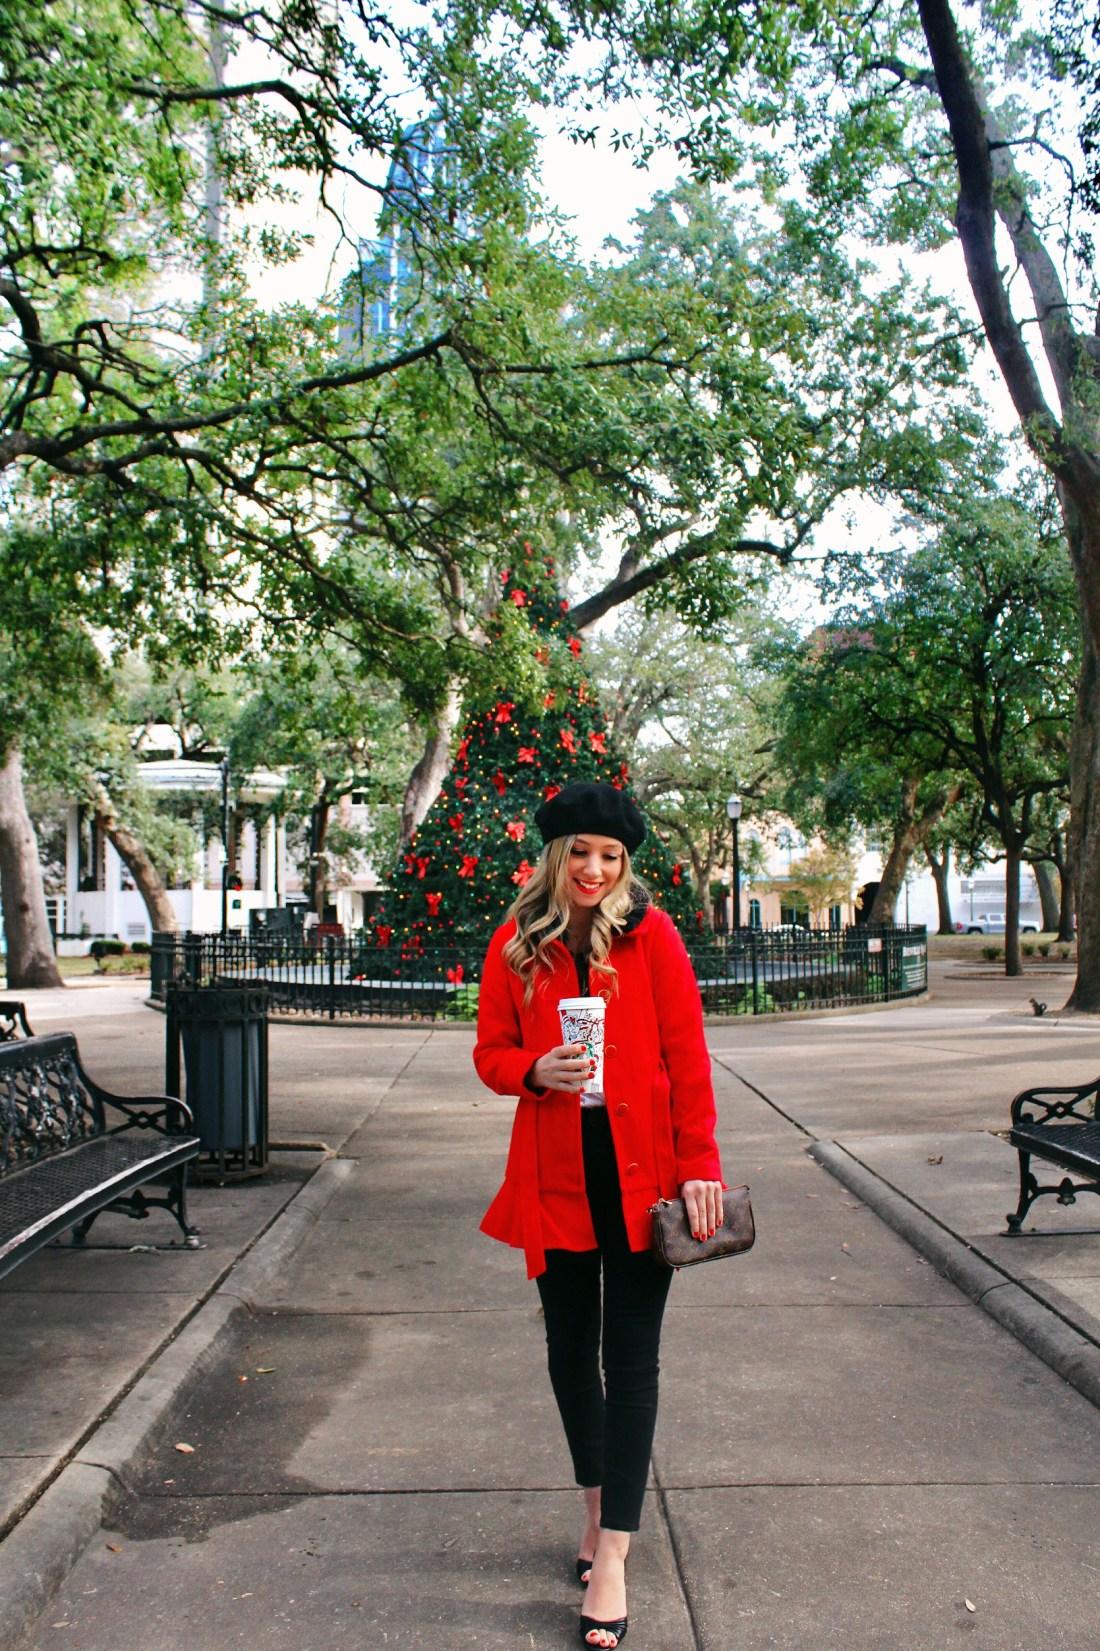 Bon Noël à Bienville Square + Look Book - The Blonderella